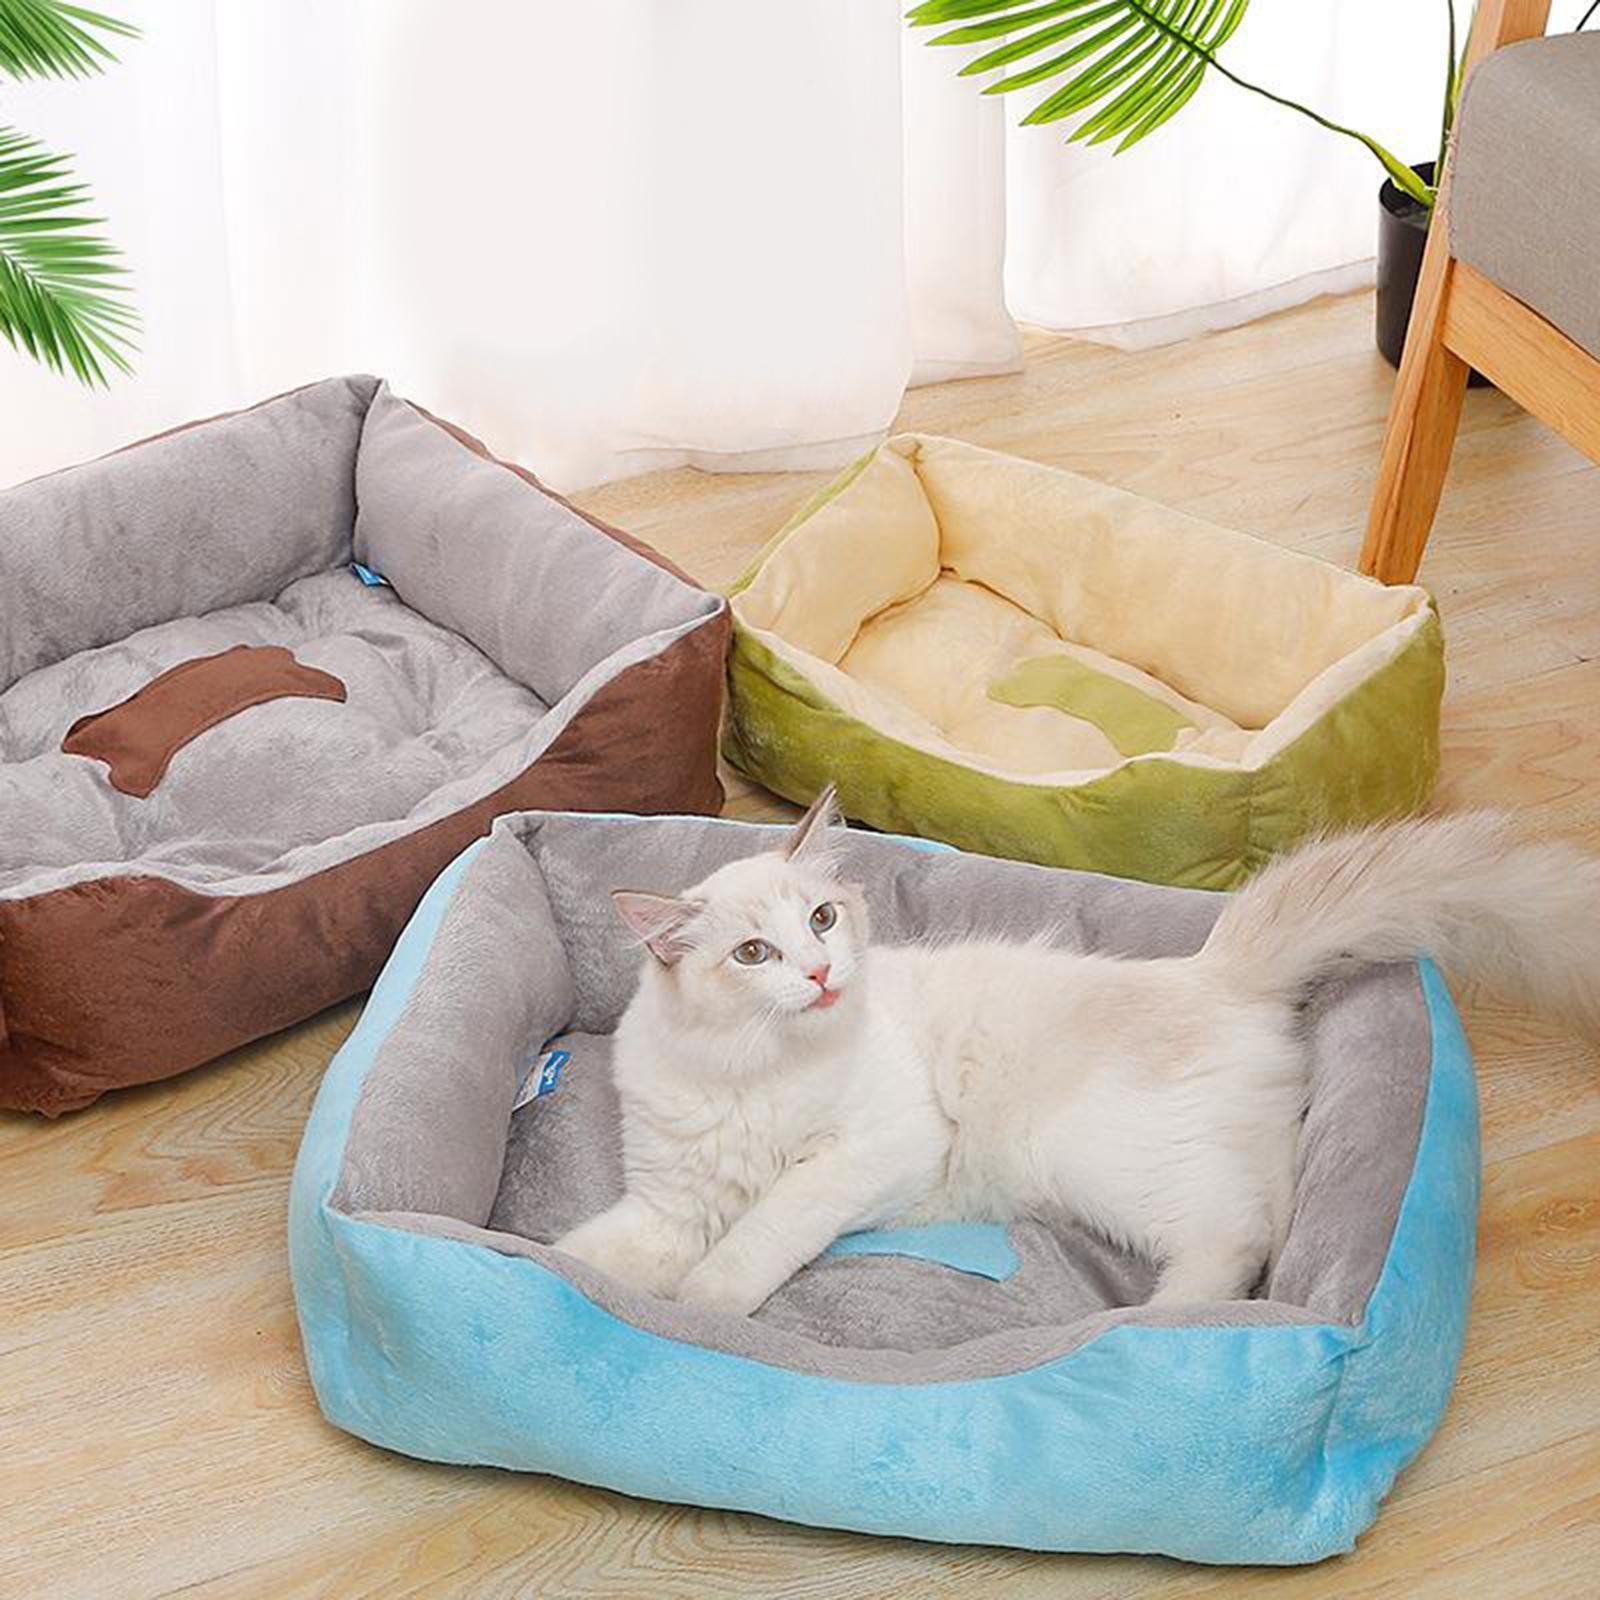 Indexbild 65 - Katze-Hund-Bett-Pet-Kissen-Betten-Haus-Schlaf-Soft-Warmen-Zwinger-Decke-Nest